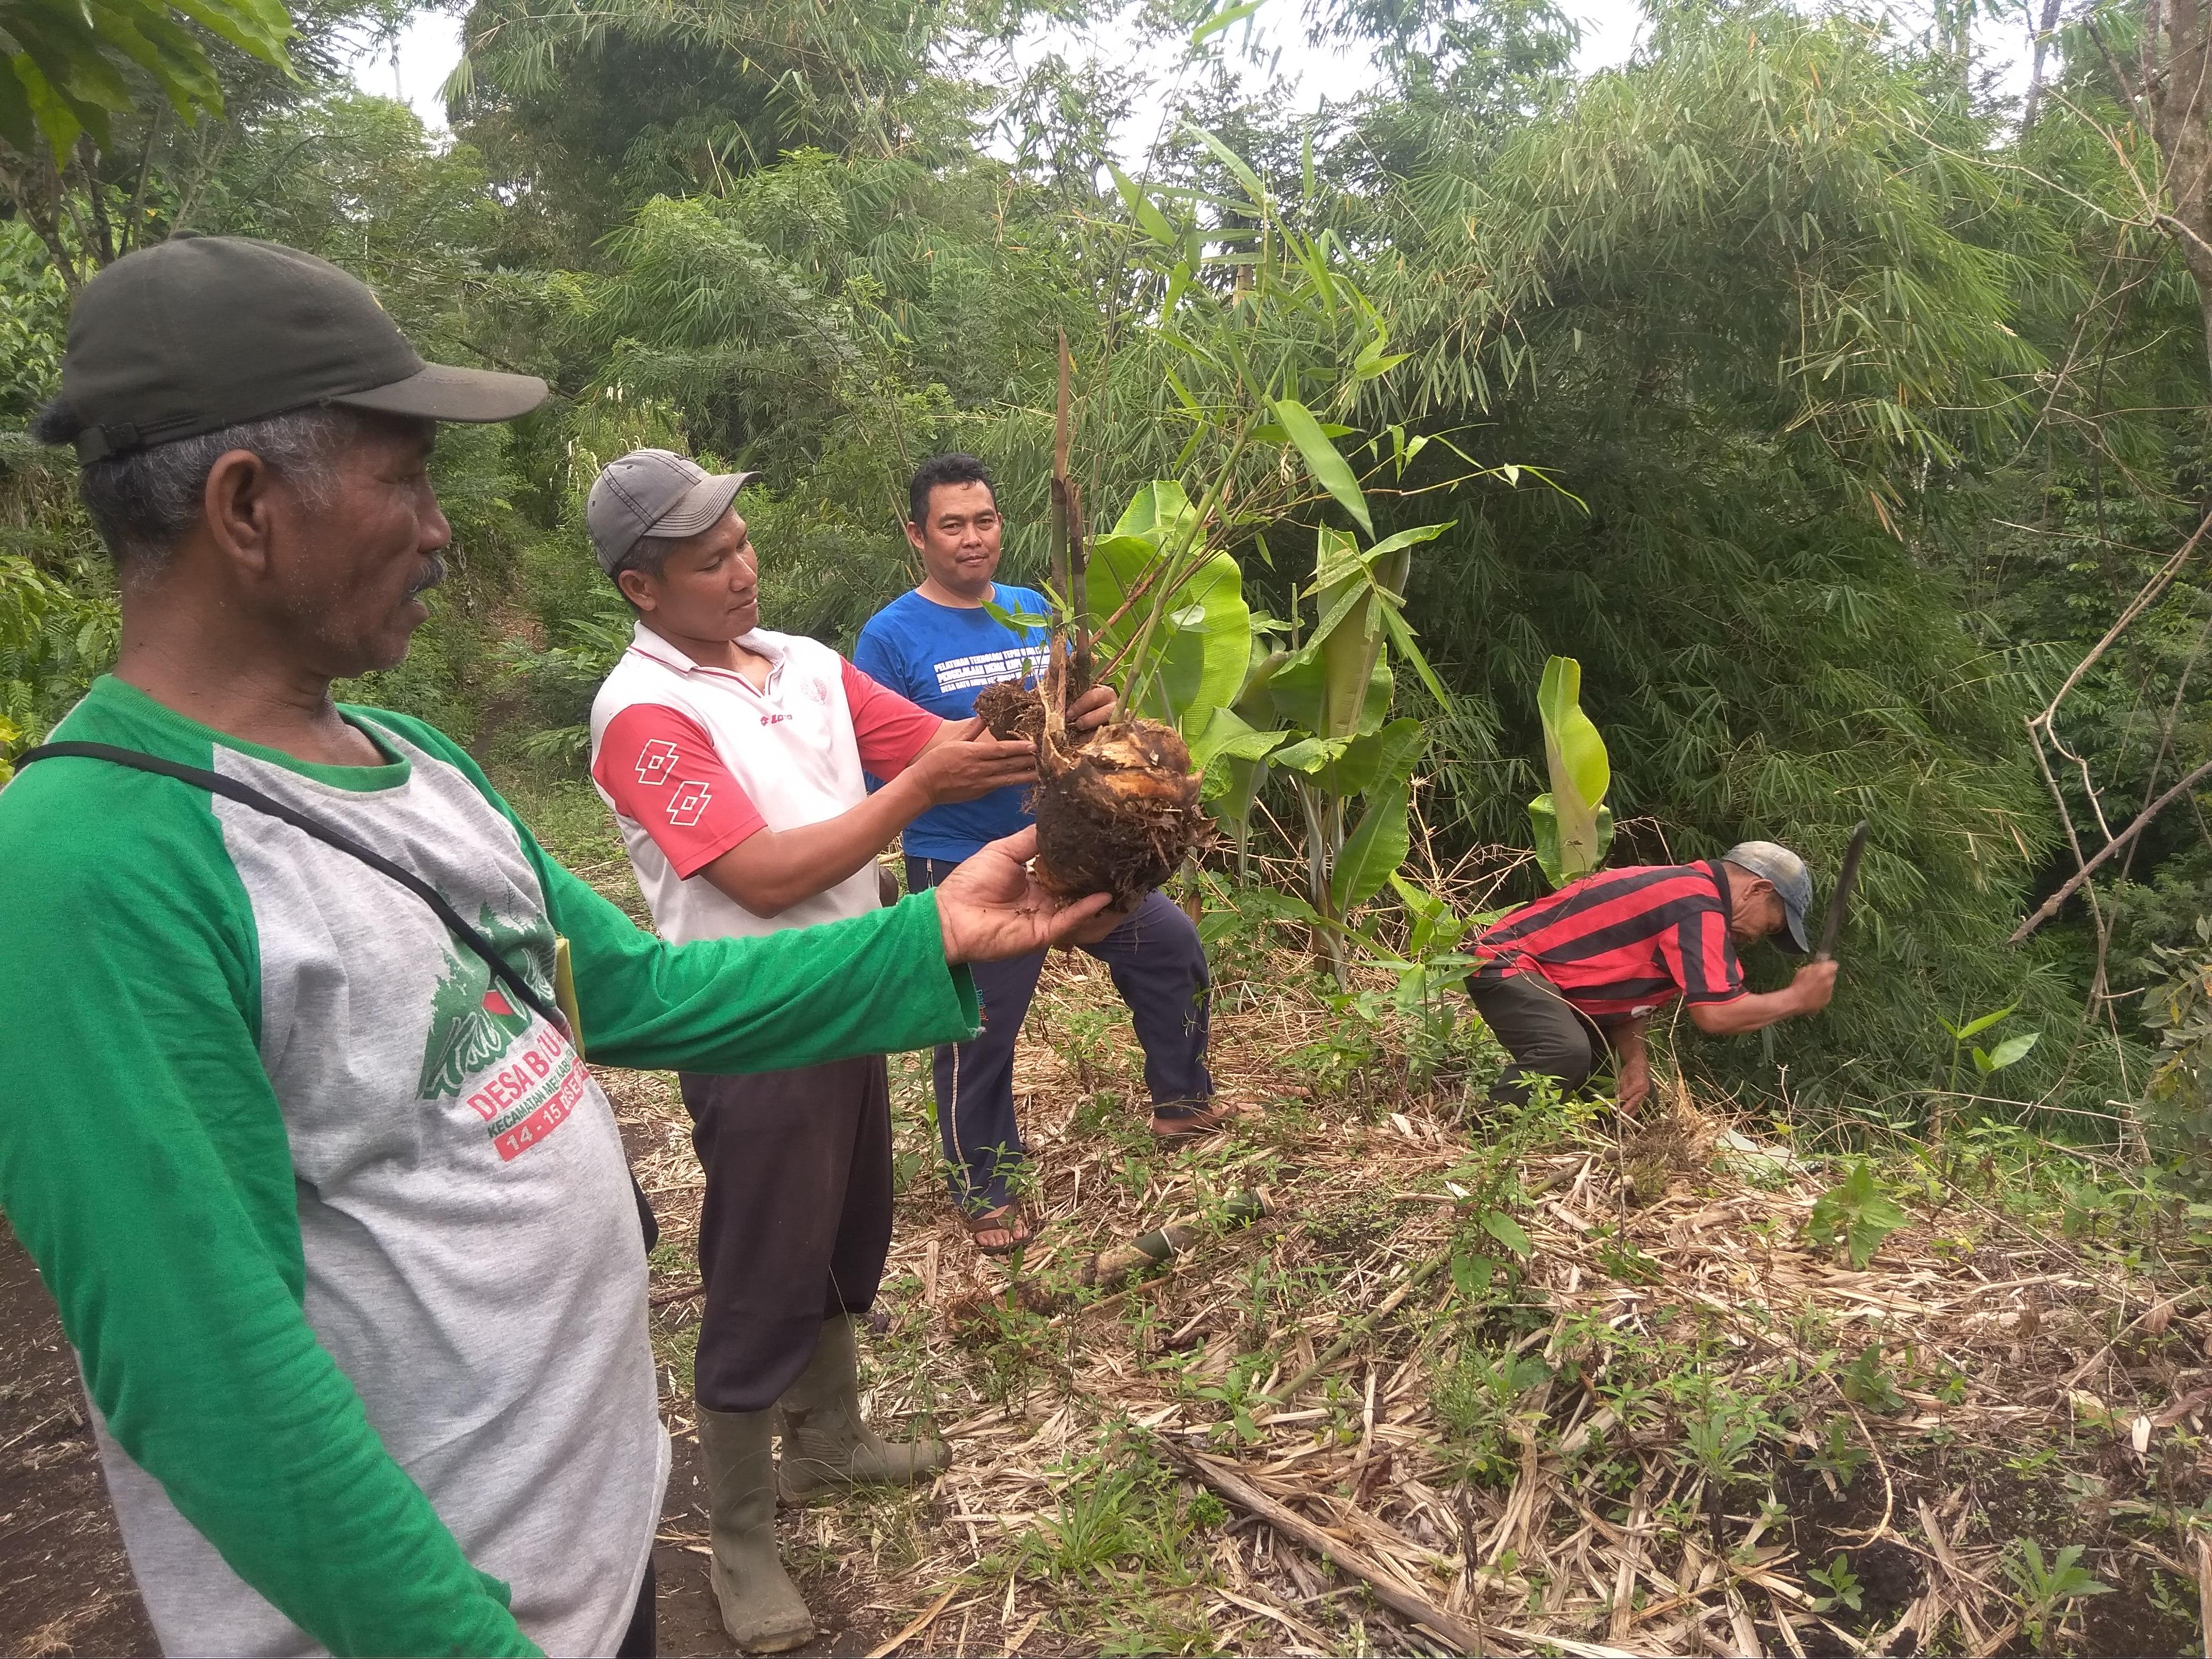 Hingga 2025 Batu Ampar Targetkan 10.000 Batang Bambu